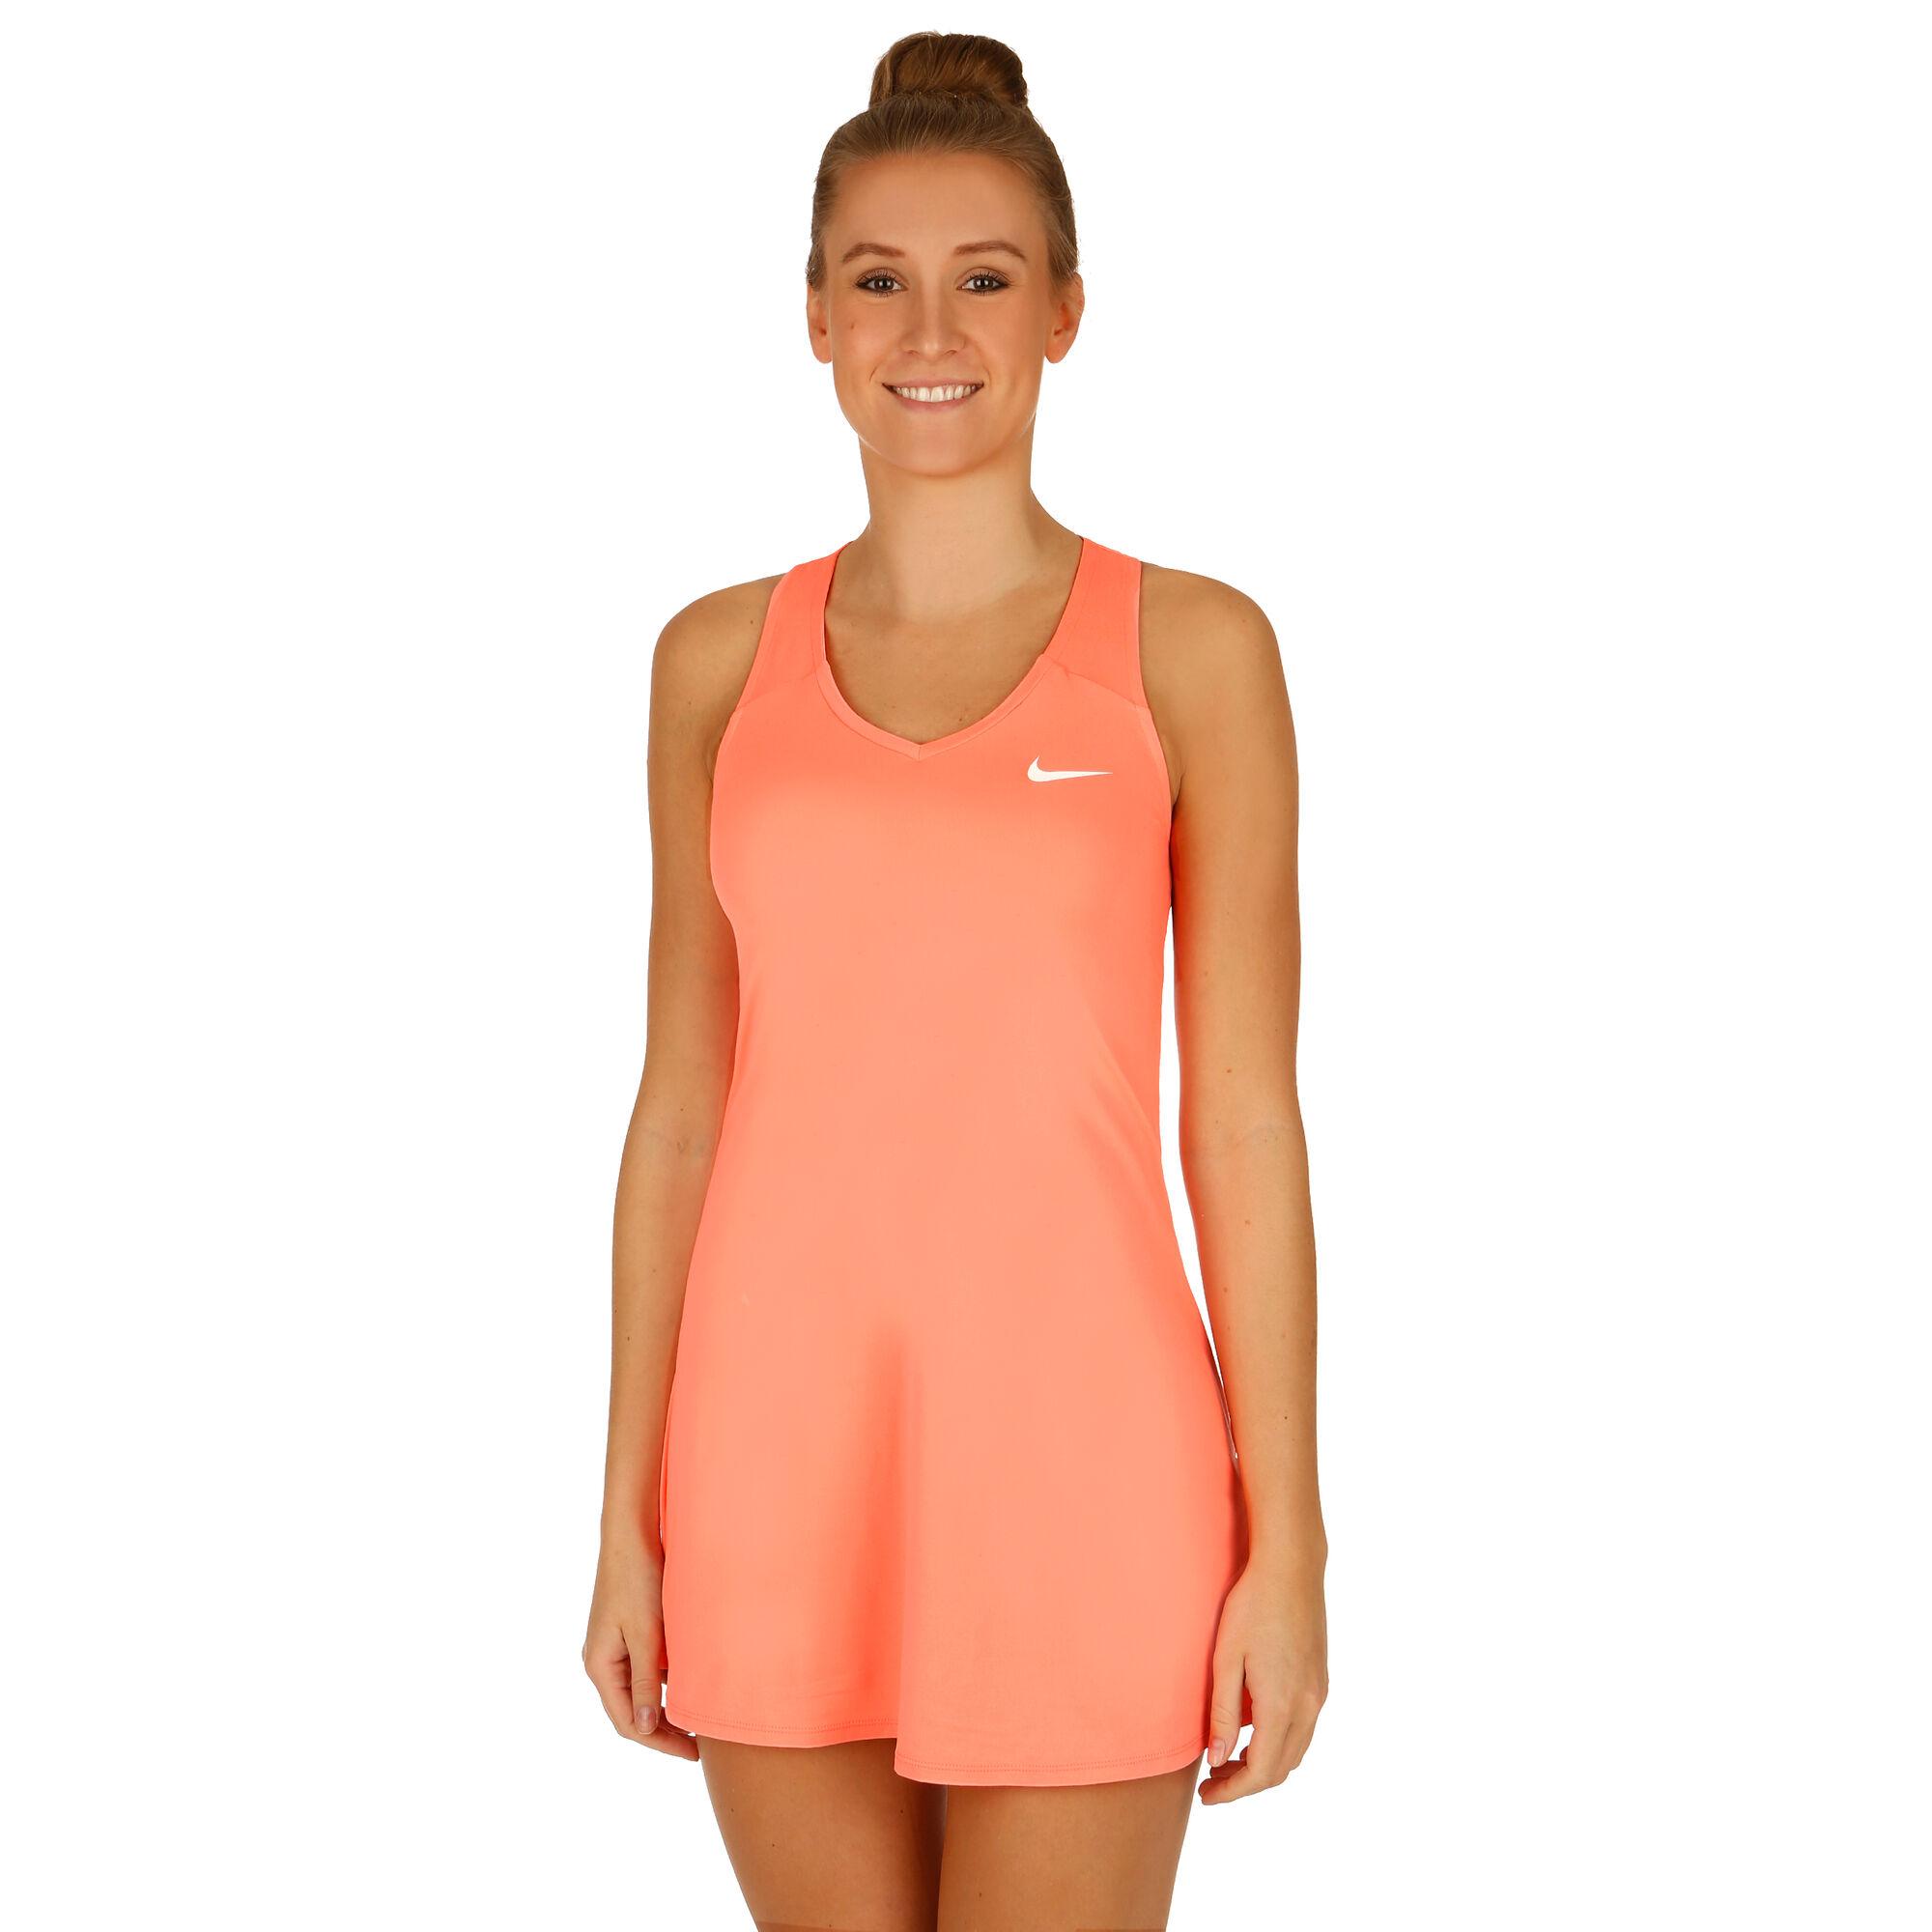 Nike Court Kleid Damen - Koralle, Weiß online kaufen ...